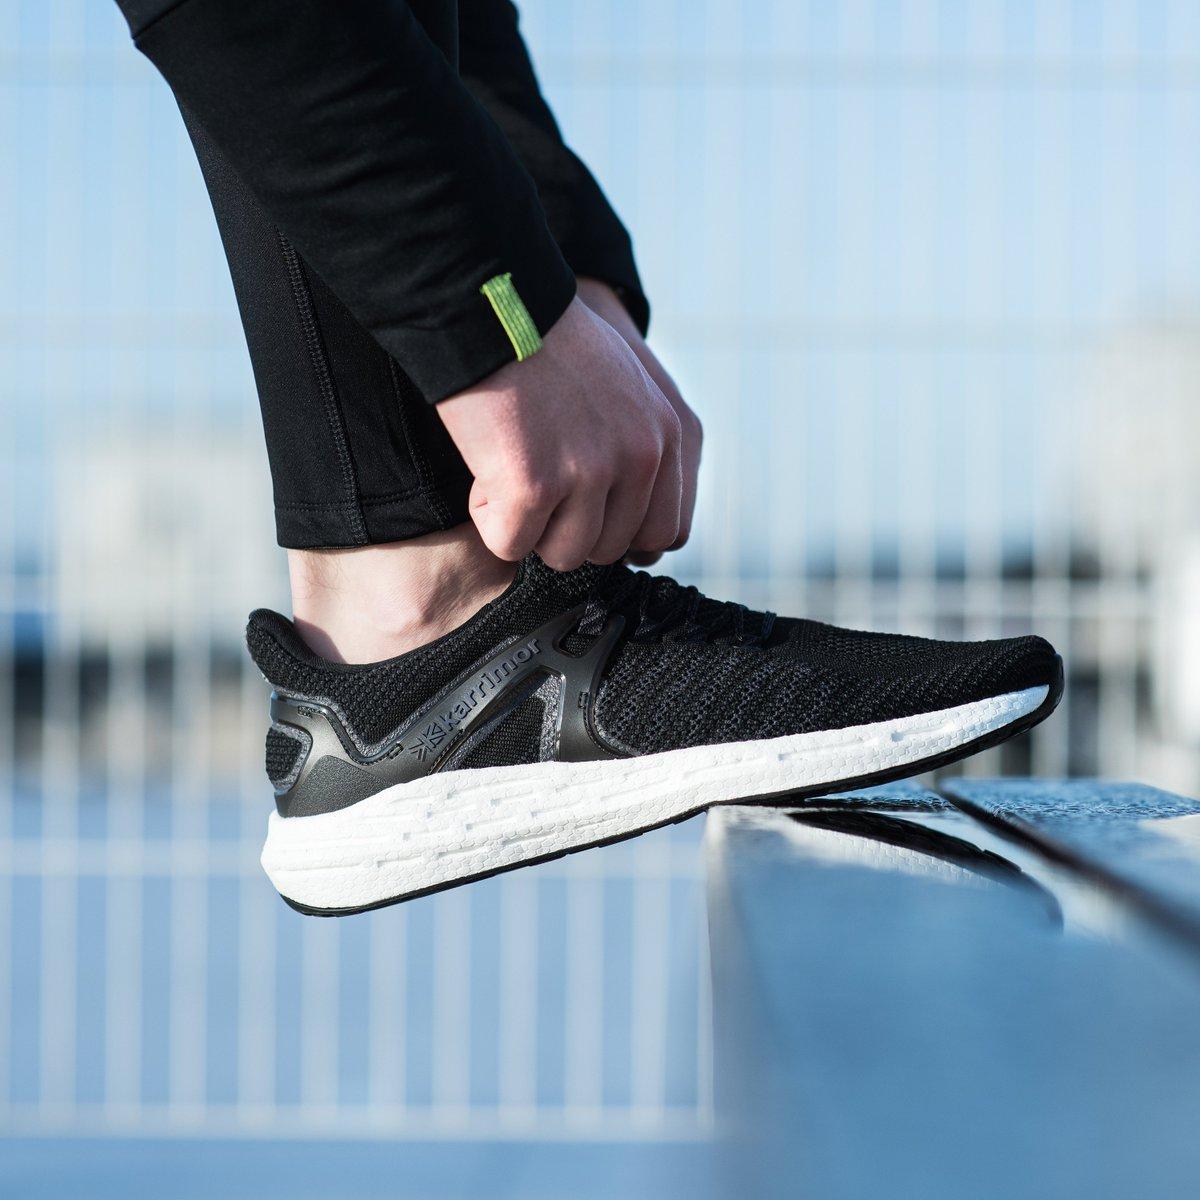 Karrimor Resolve Men's Running Shoes